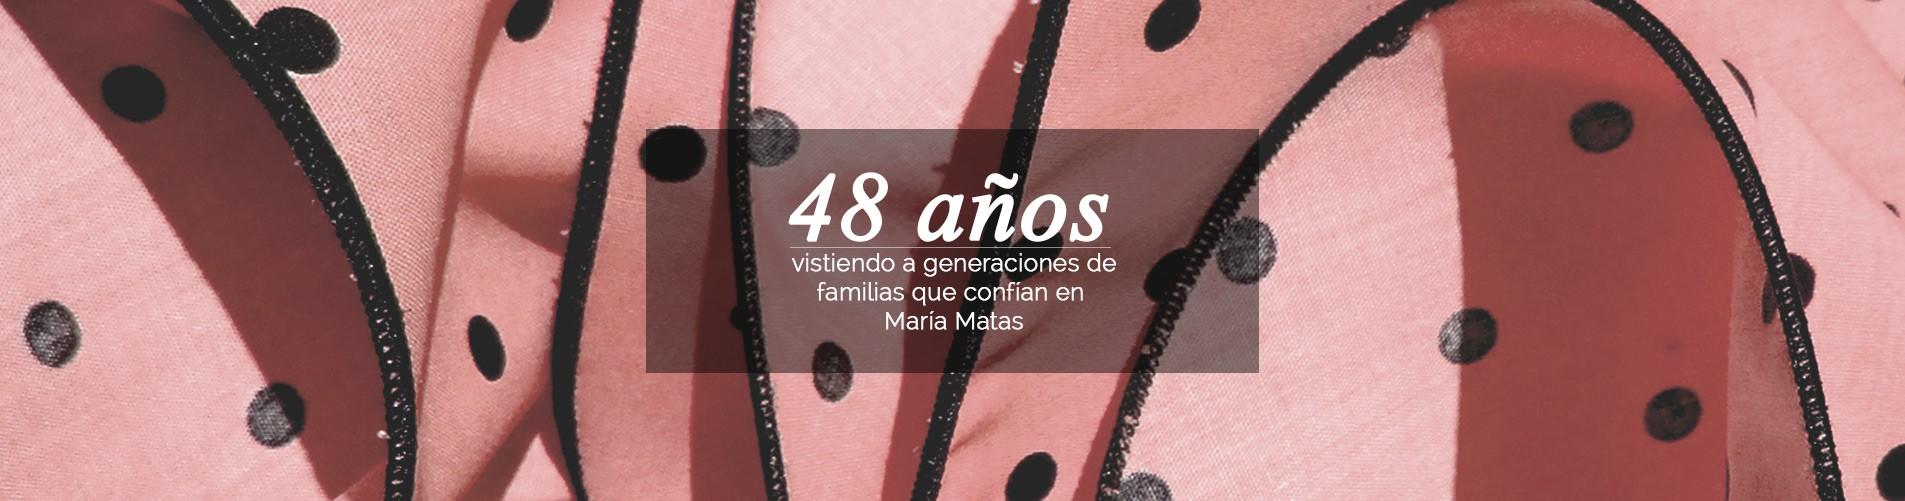 48-anyos-maria-matas